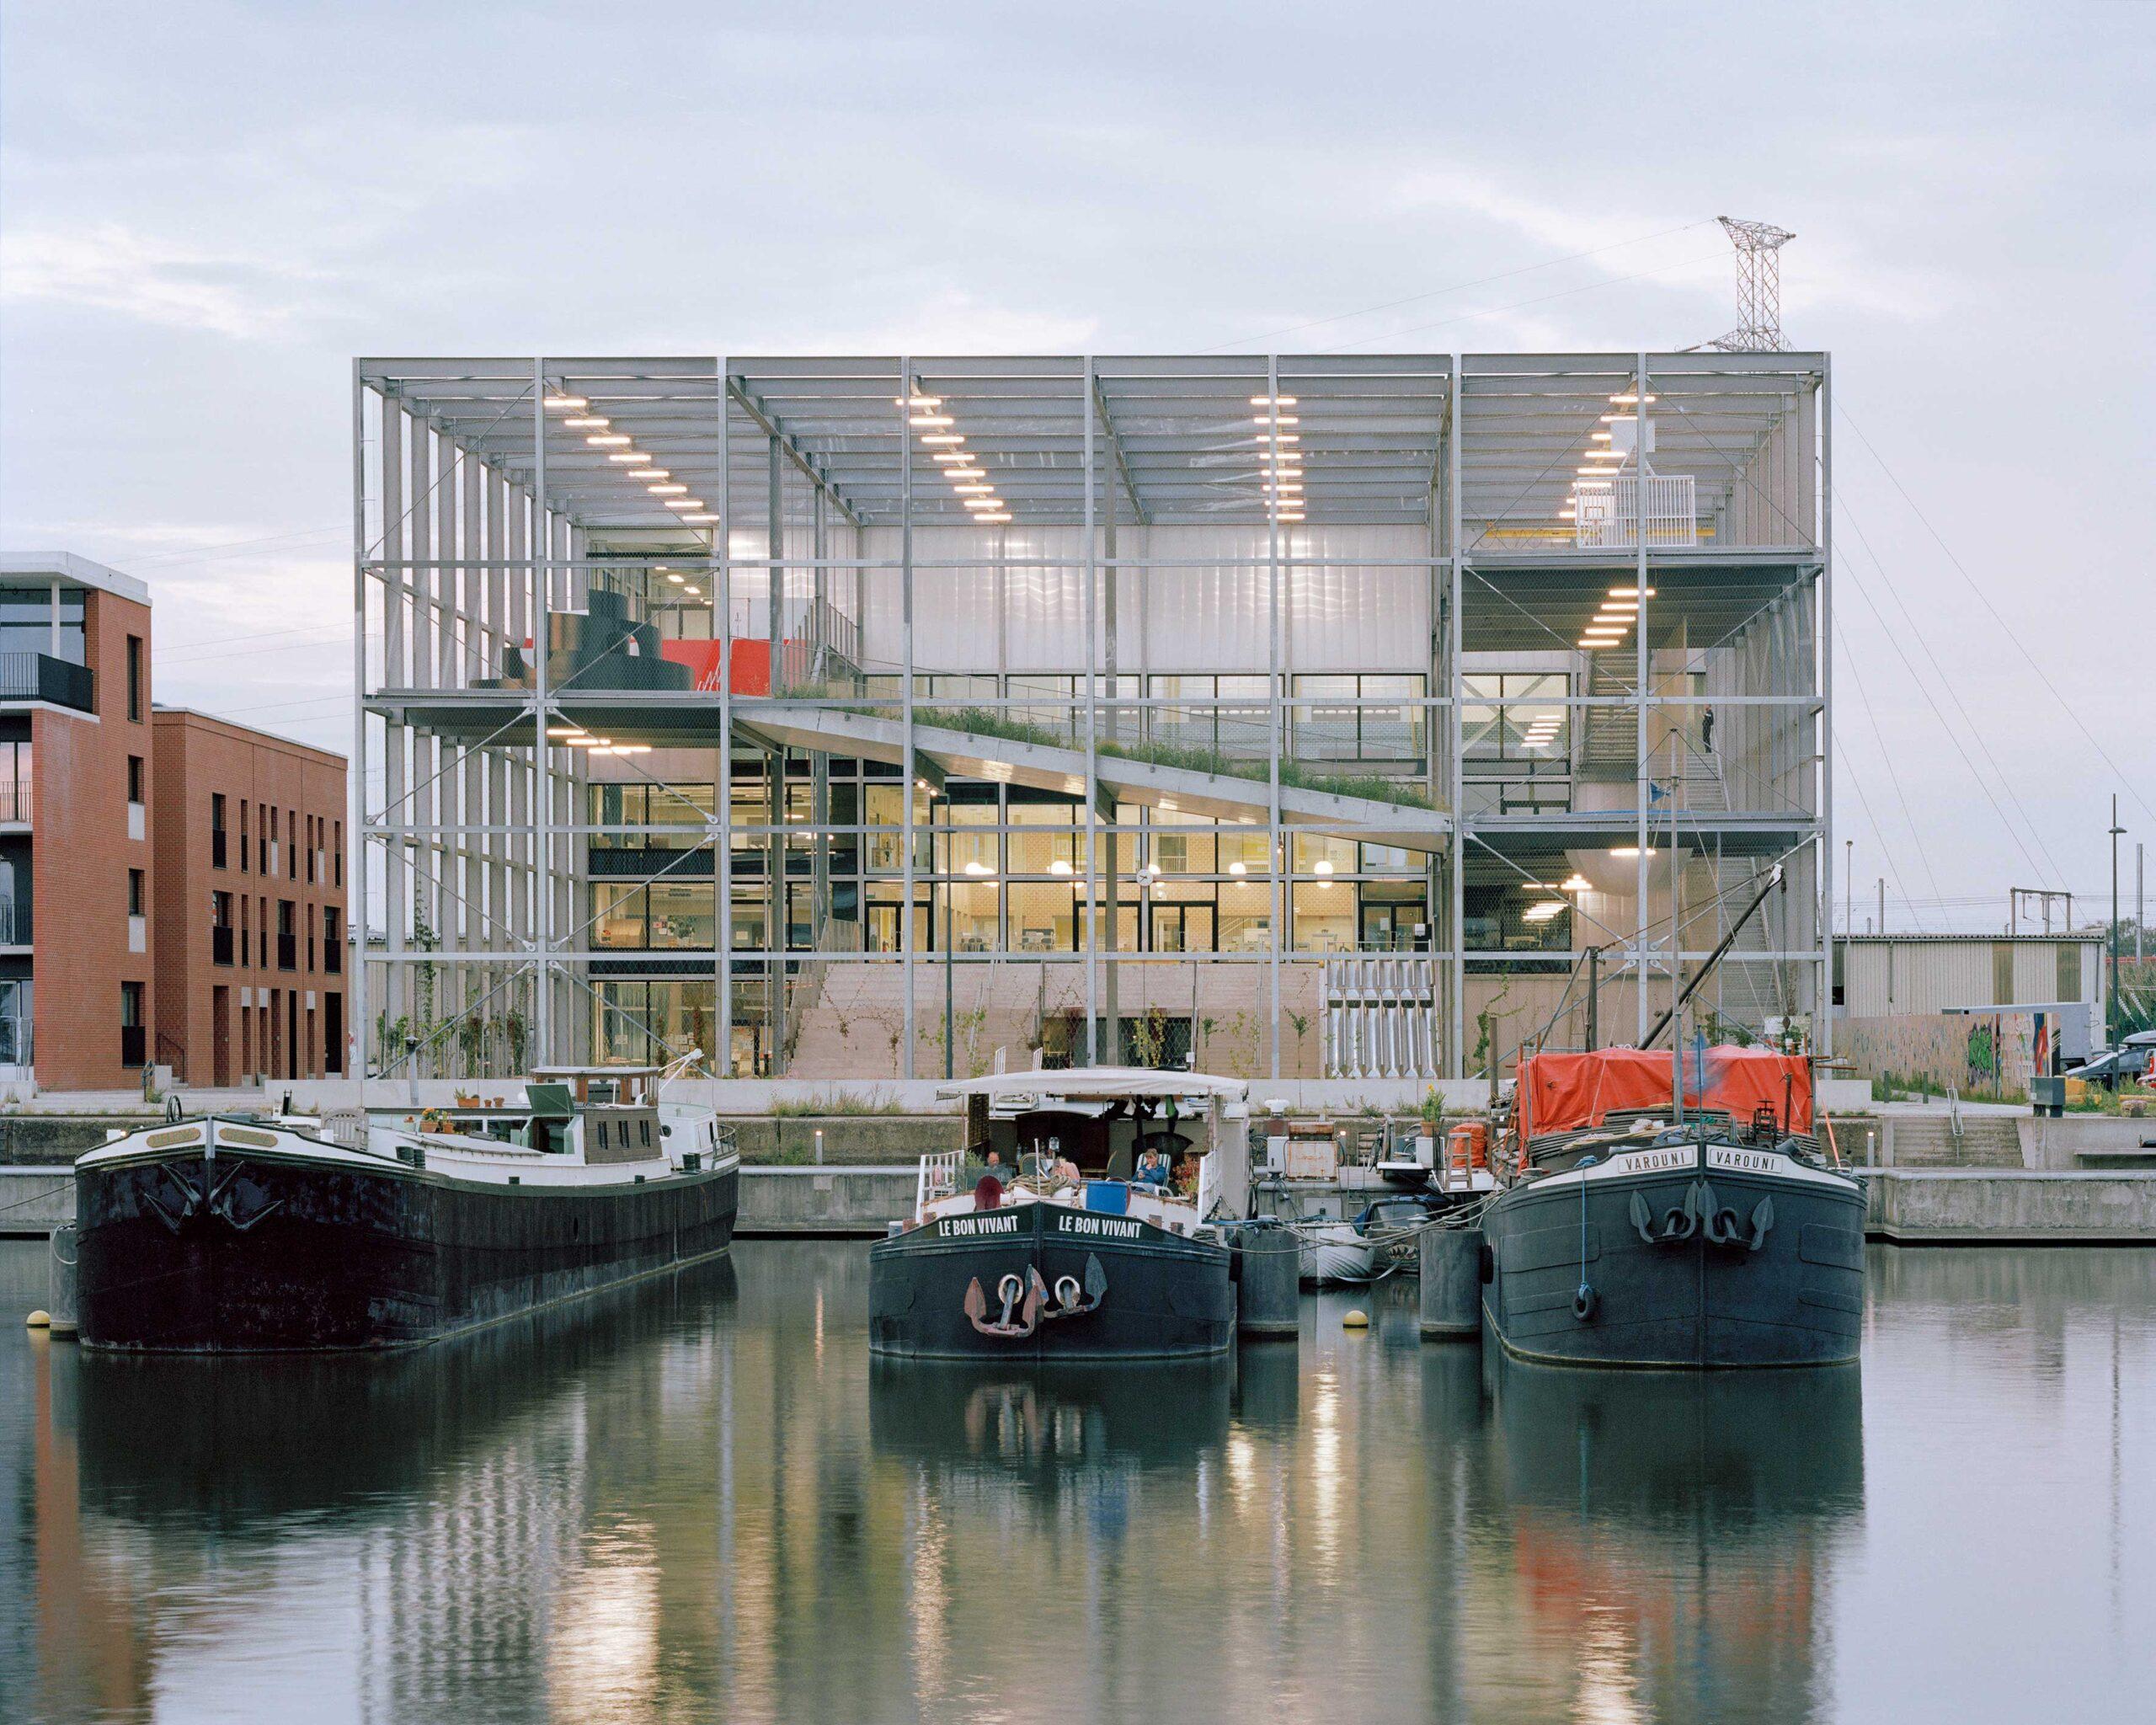 Melopee School par XDGA – Xaveer De Geyter Architects- Crédit photo : Maxime Delvaux